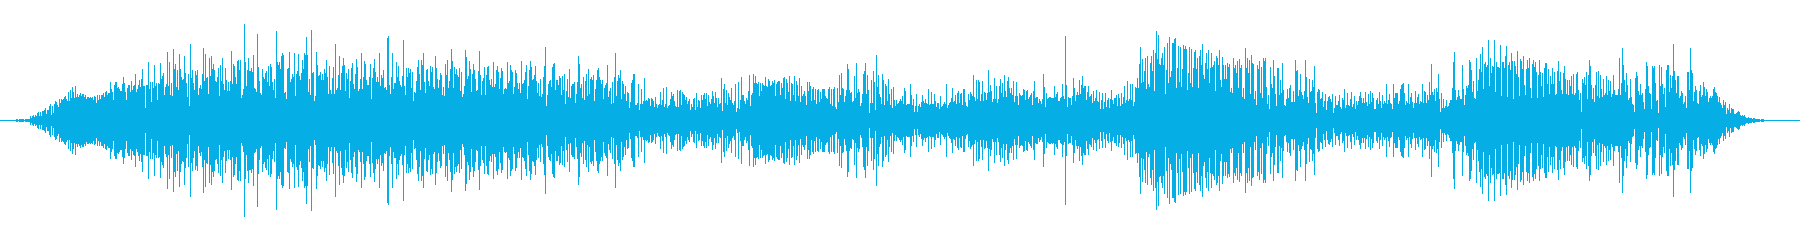 成人男性:叫ぶ声の再生済みの波形